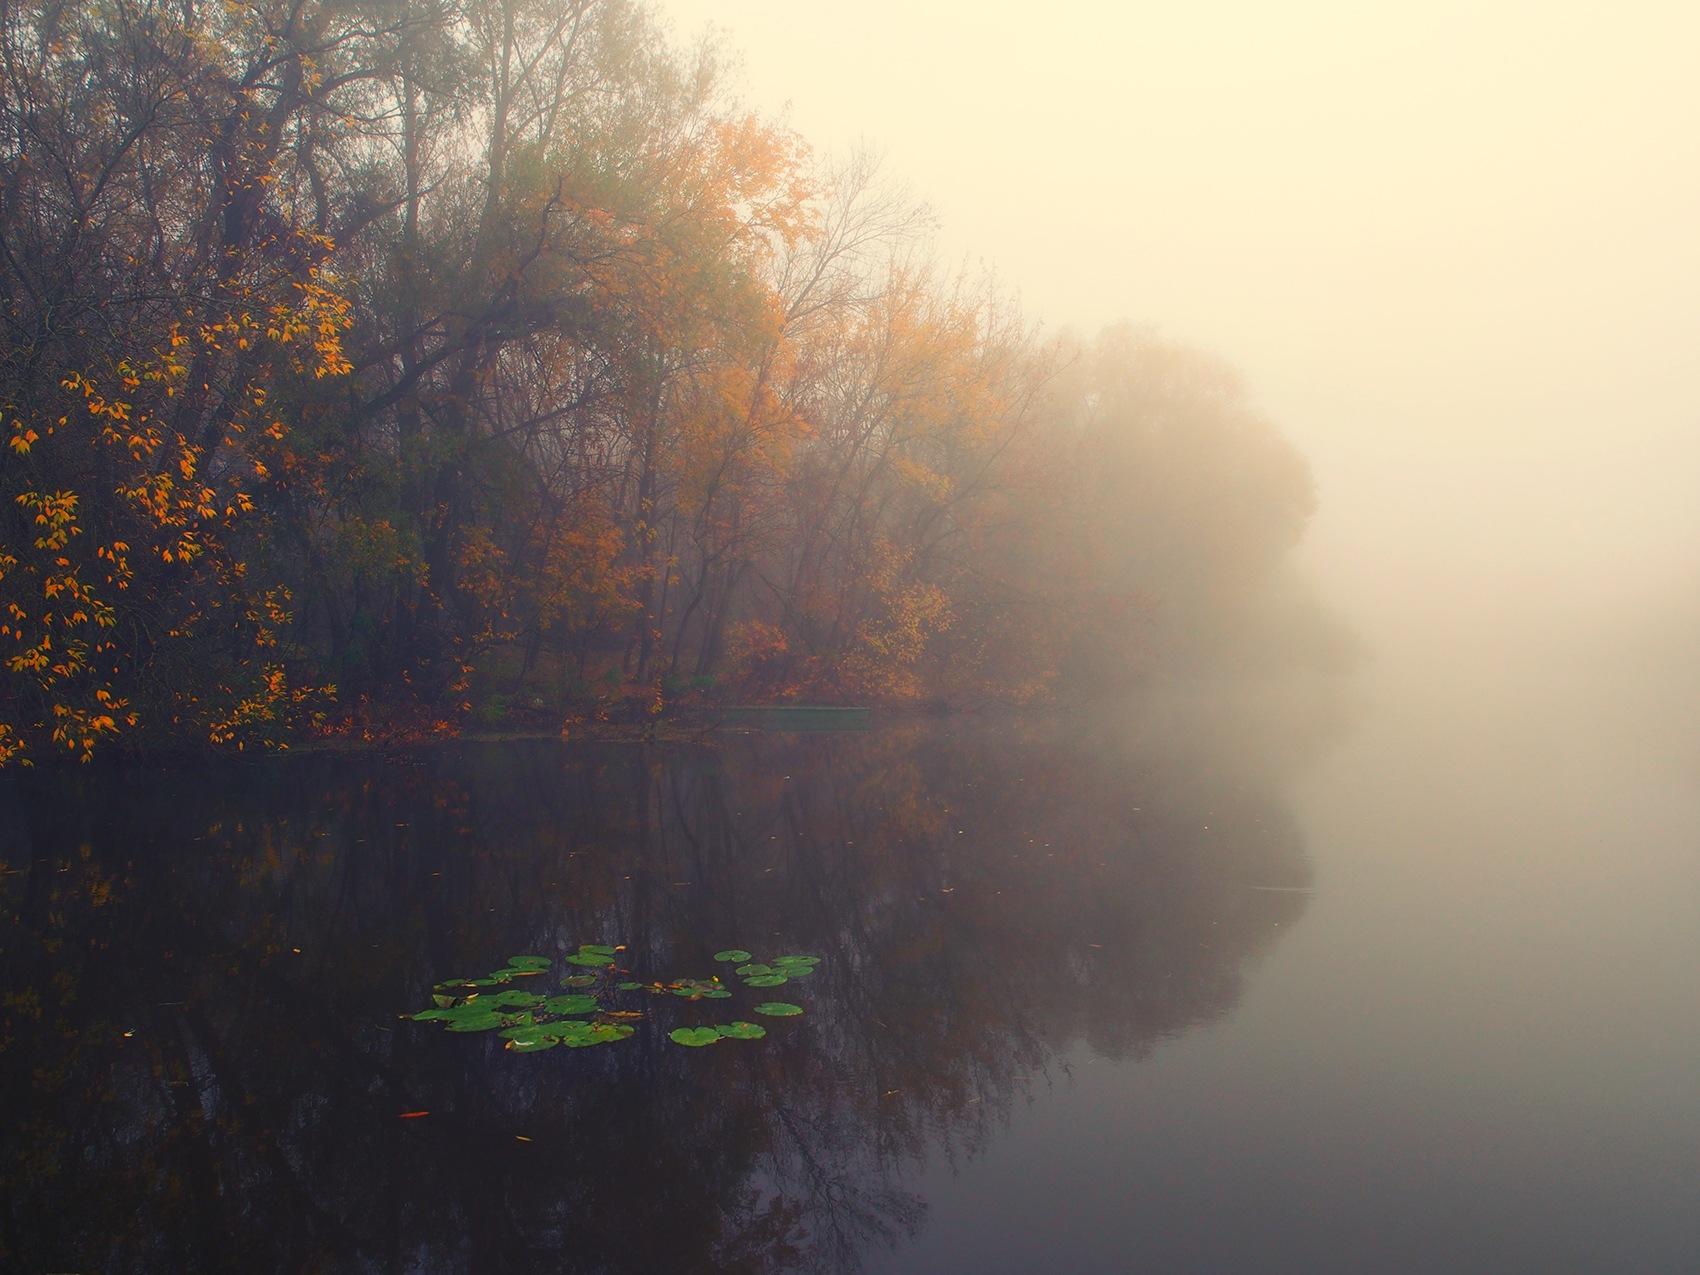 Fog by zoki